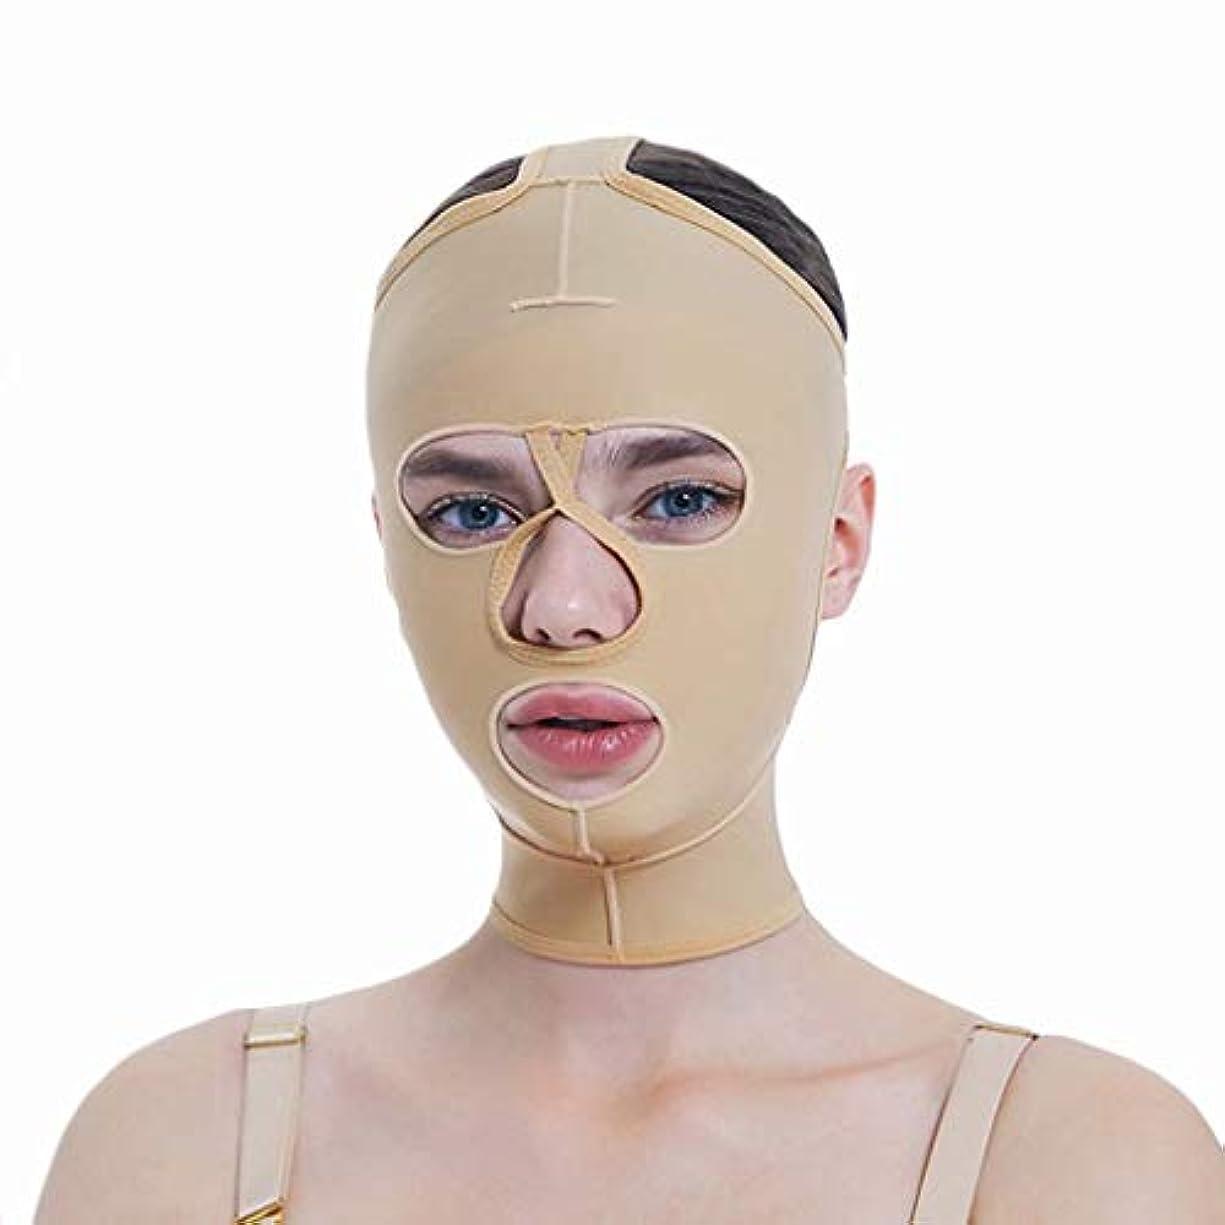 アニメーション解決薄暗いフェイシャル減量マスク、フルカバレッジ包帯、フルフェイスリフティングマスク、フェイスマスク、快適で リフティングシェーピング(サイズ:S),XXL